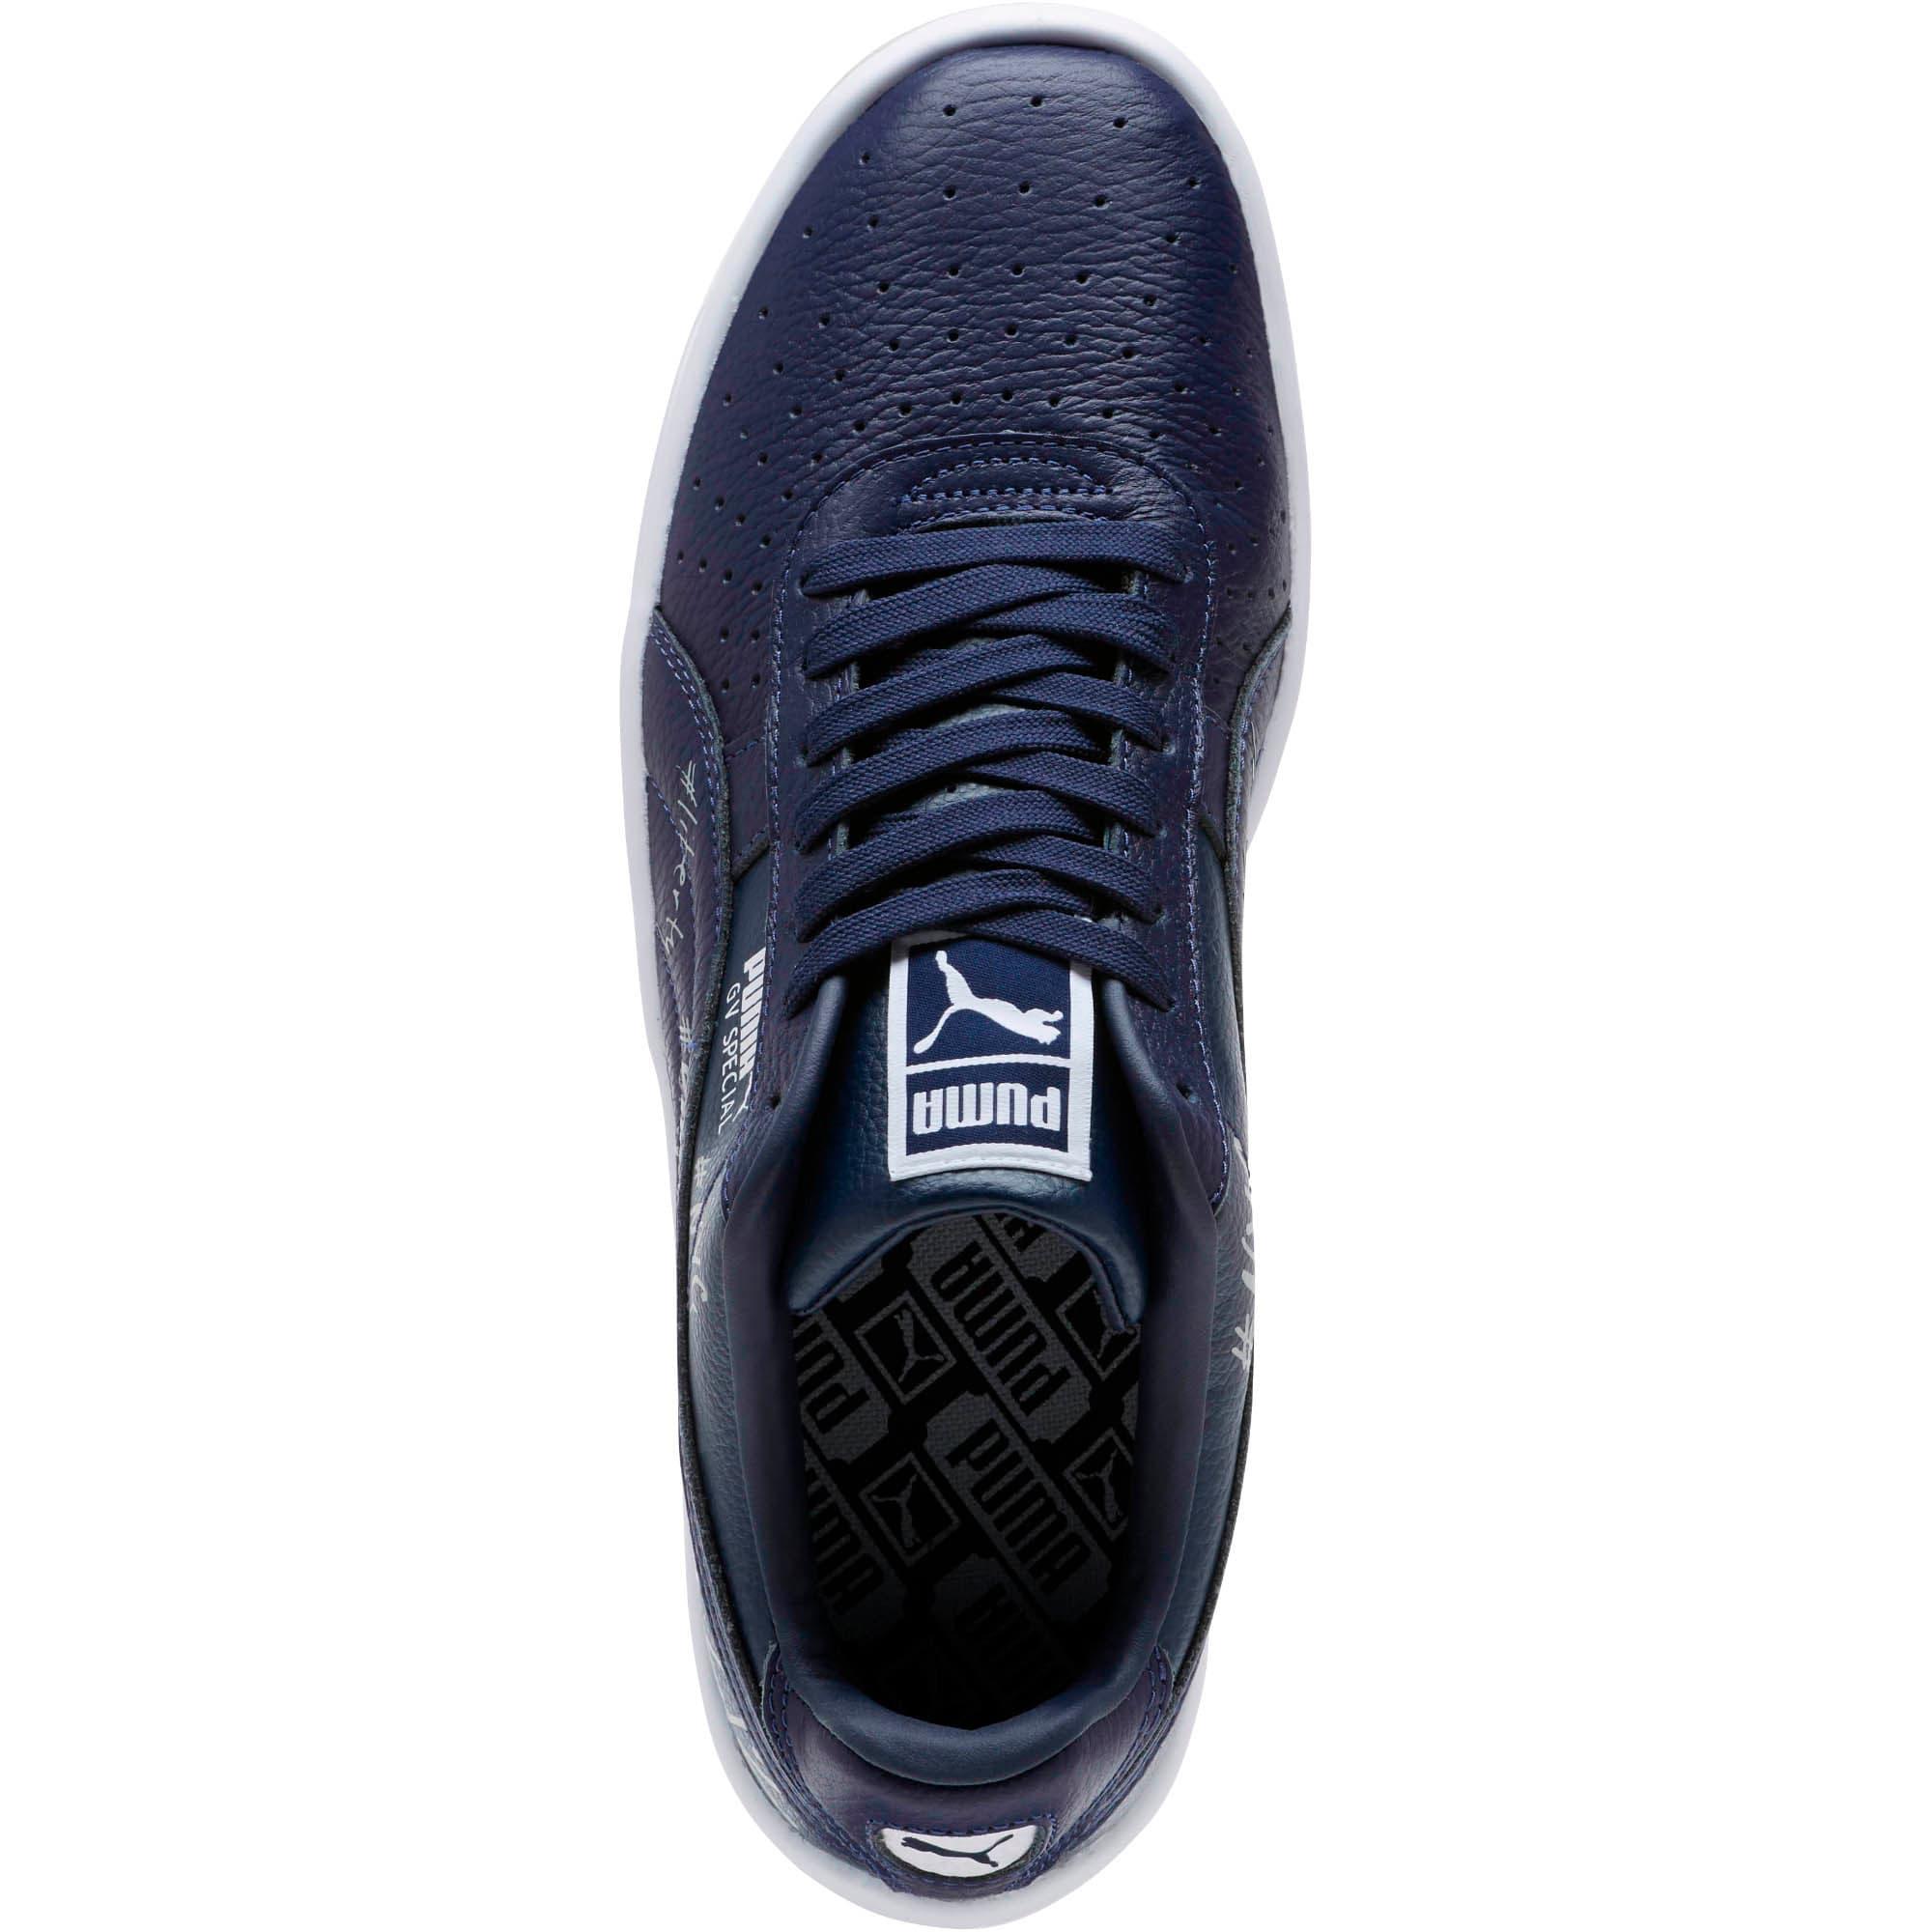 Thumbnail 5 of GV Special NYC Sneakers, Peacoat-Puma White-Gray Vlt, medium